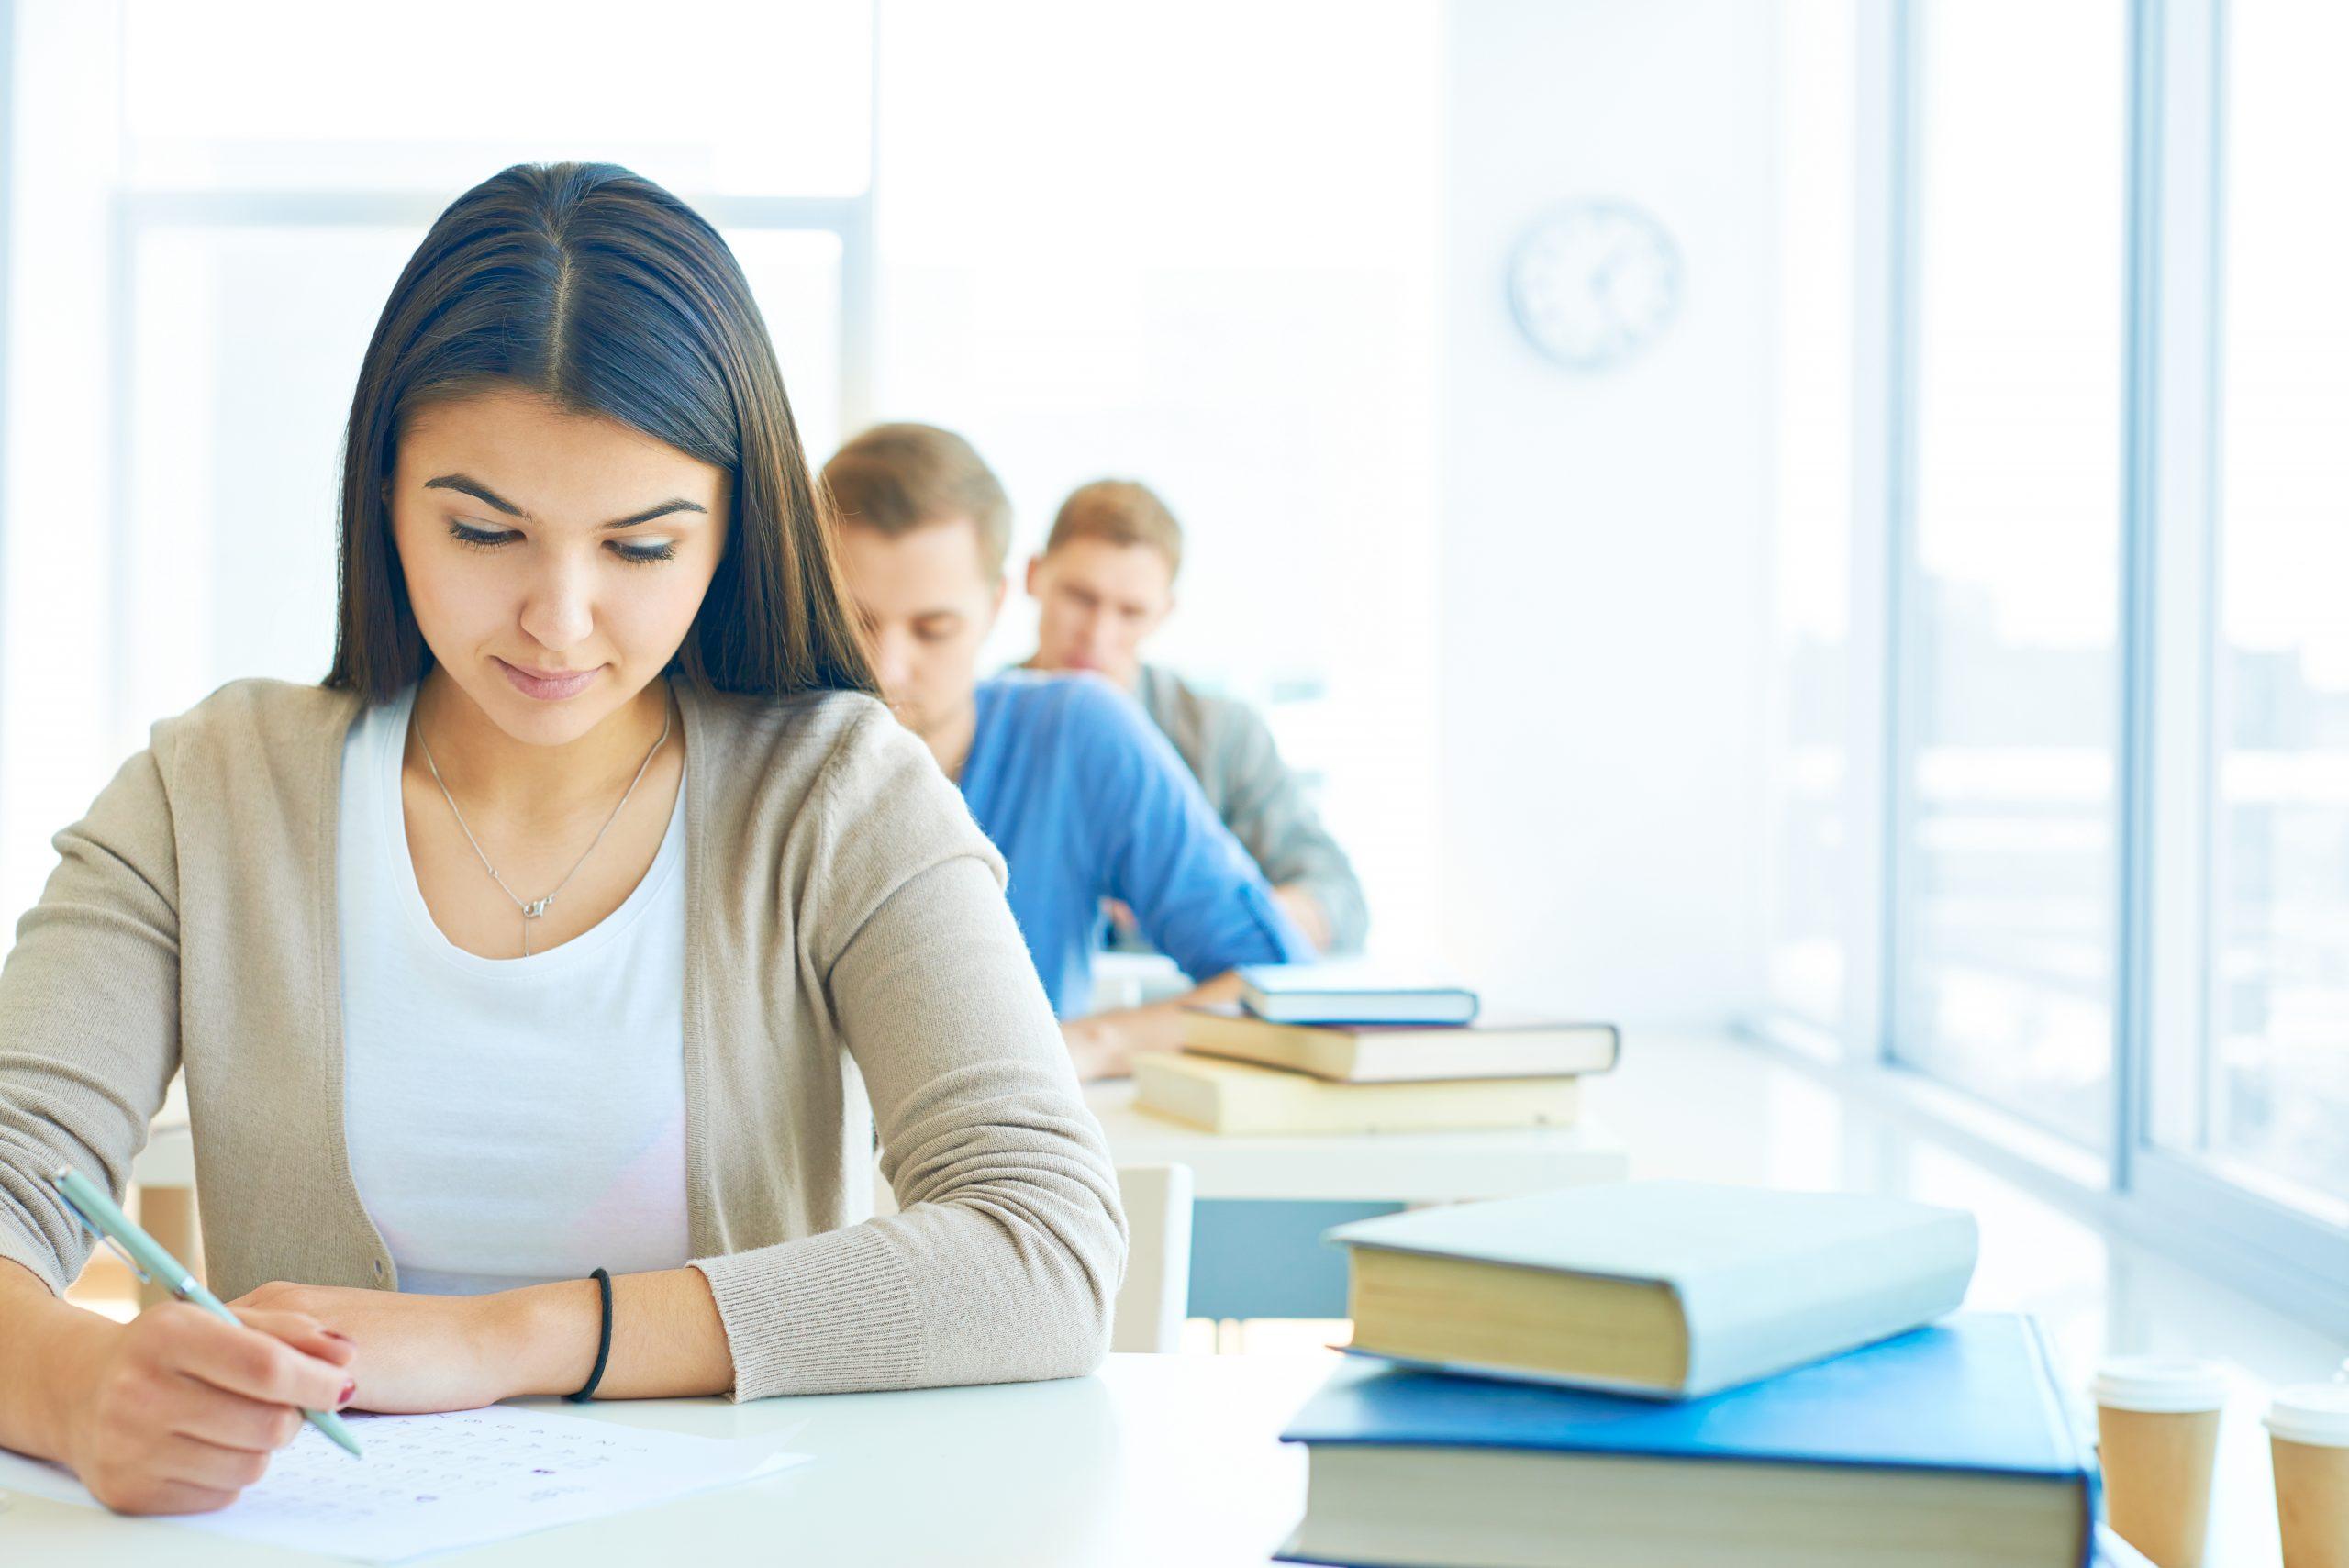 Educación establece nuevas medidas COVID en los exámenes de acceso a la Formación Profesional